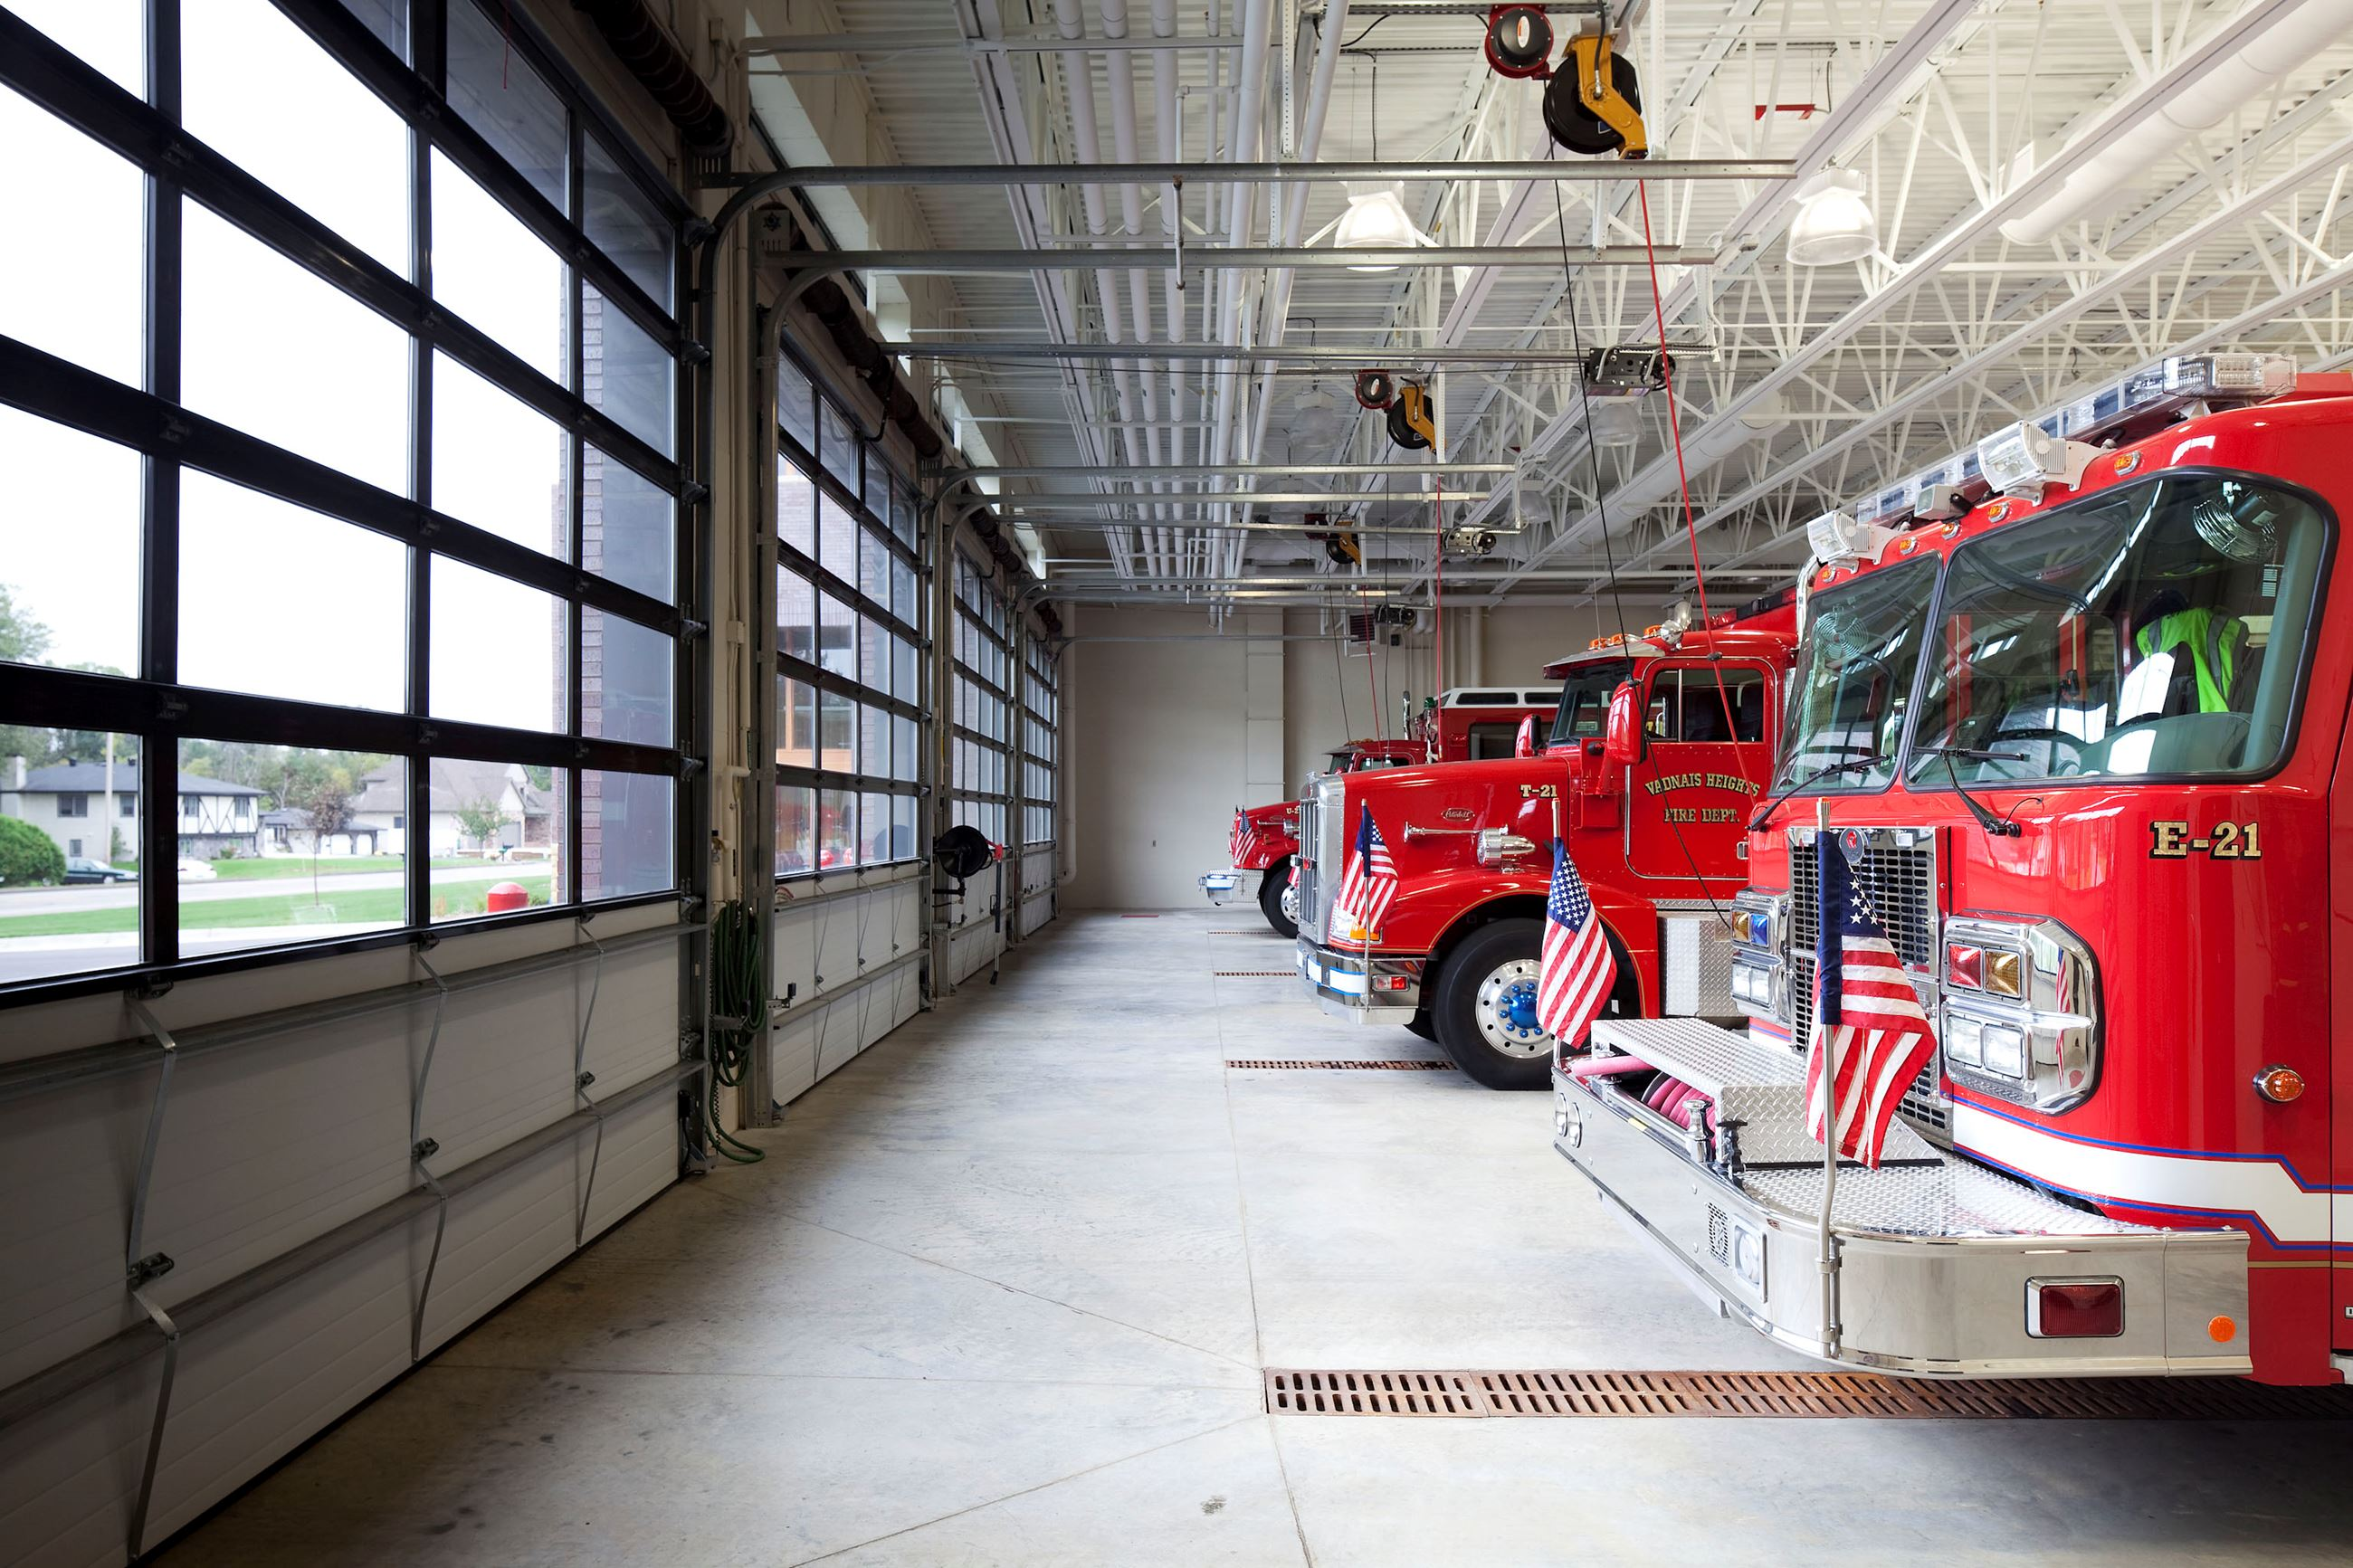 Fire Department Vadnais Heights Mn